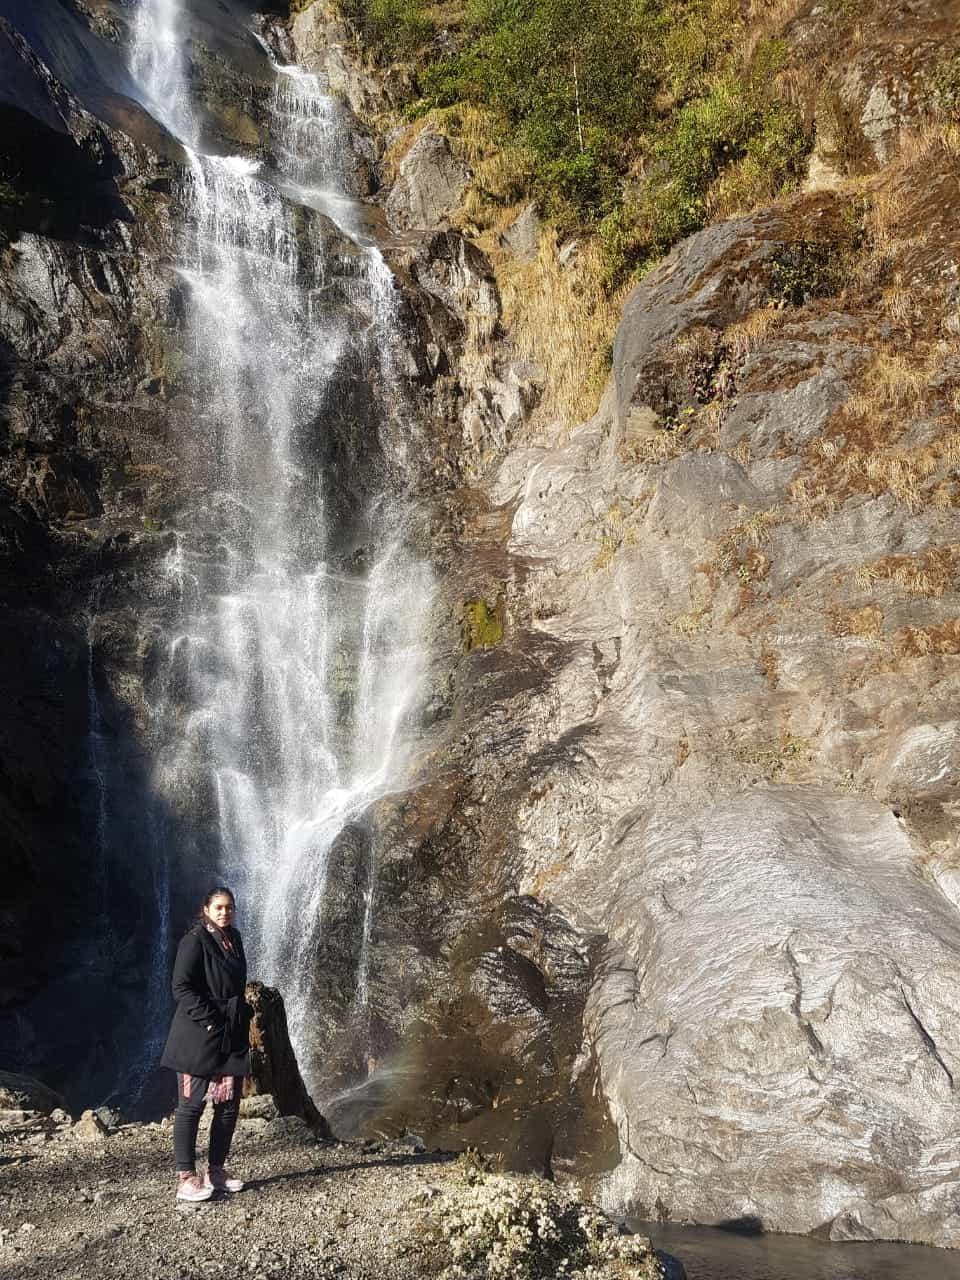 bheem nala waterfalls